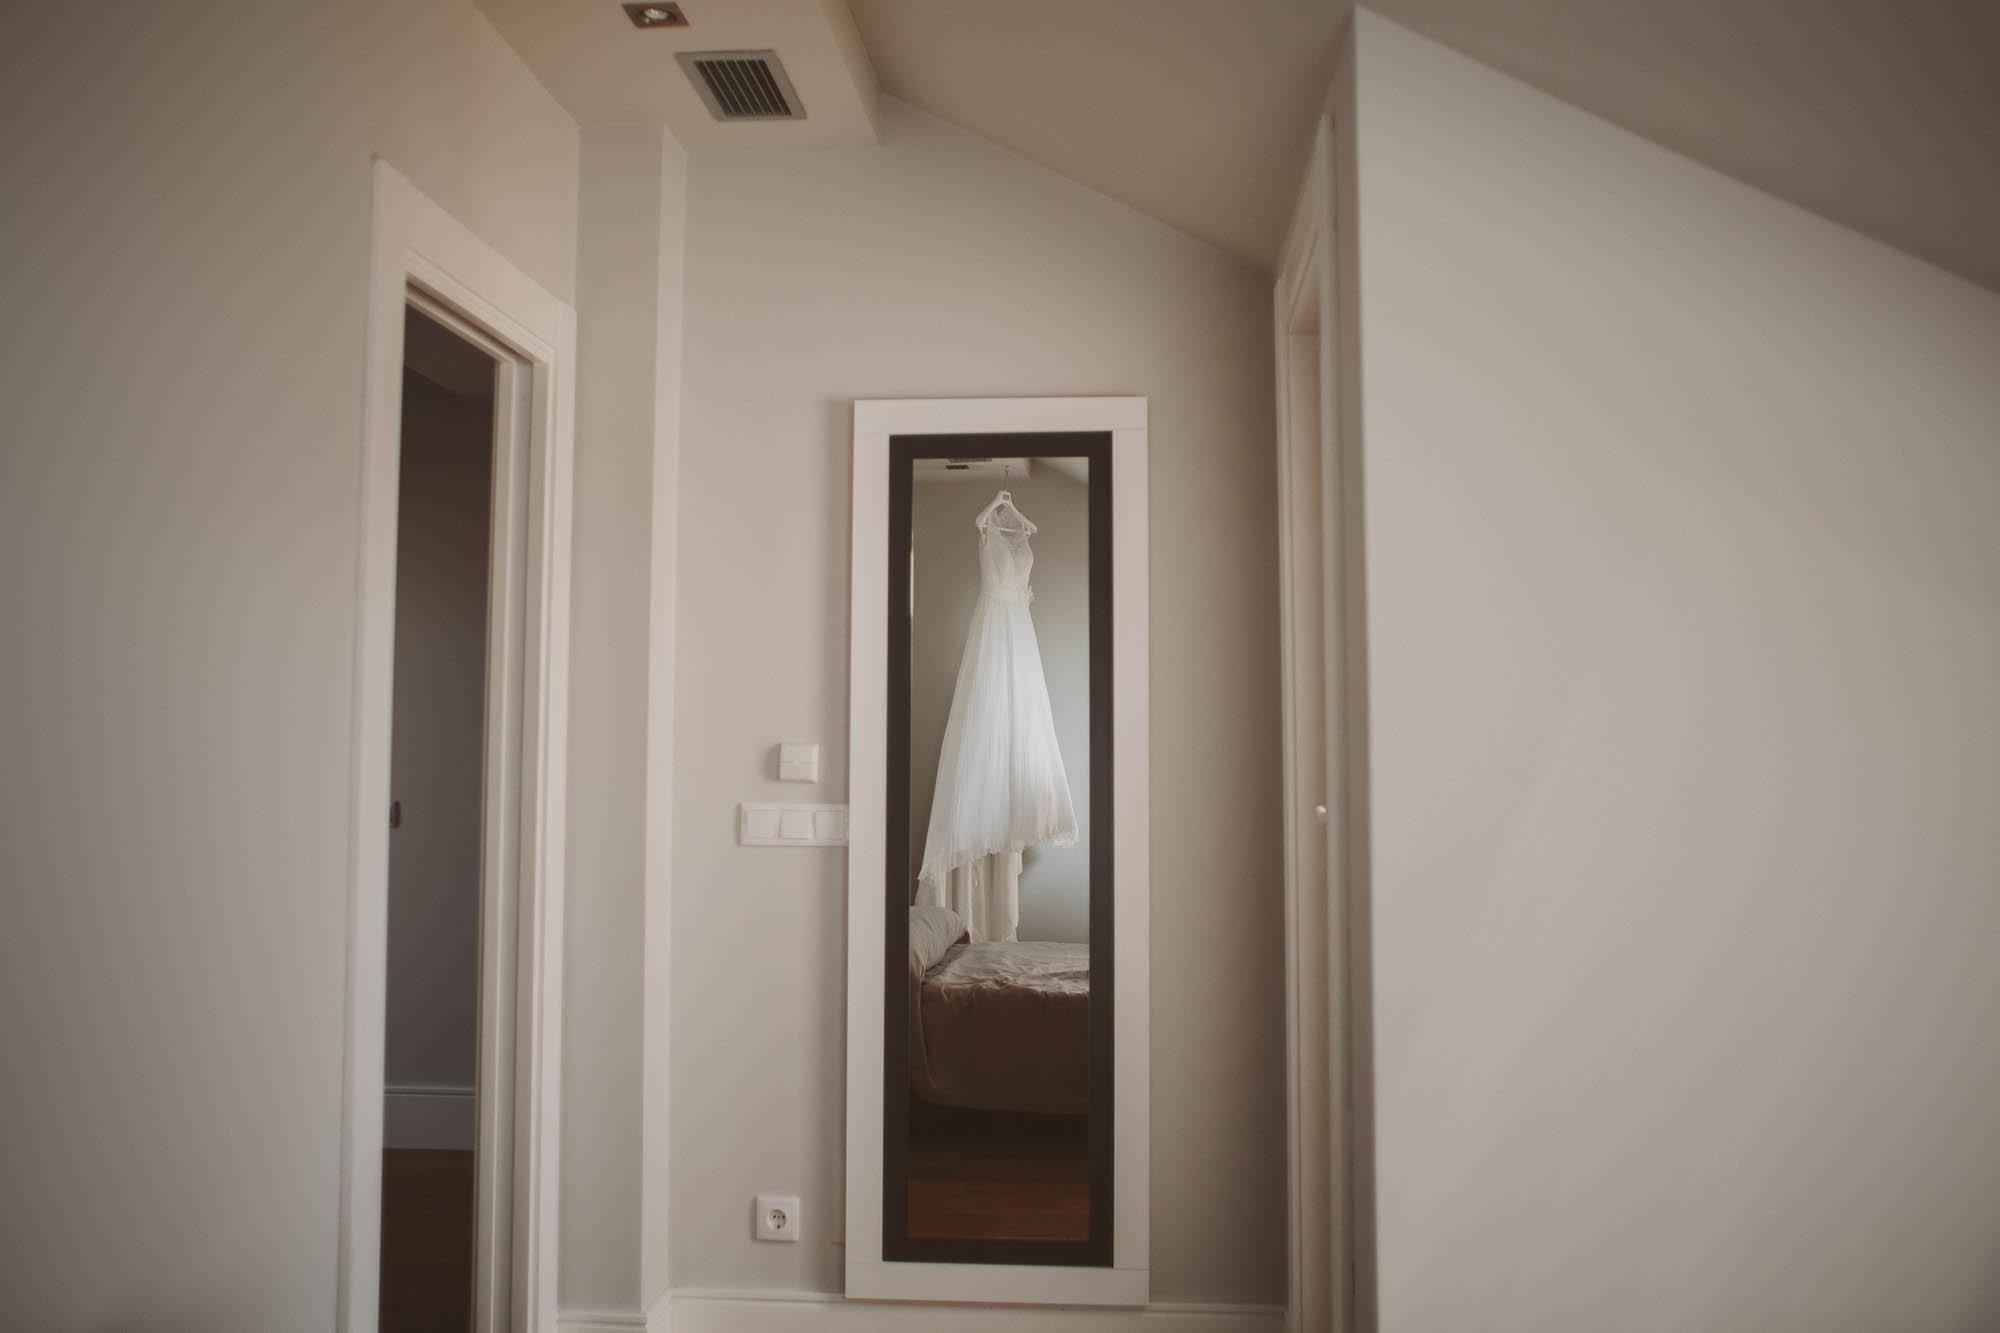 El vestido de la novia colgado de una percha antes de la boda